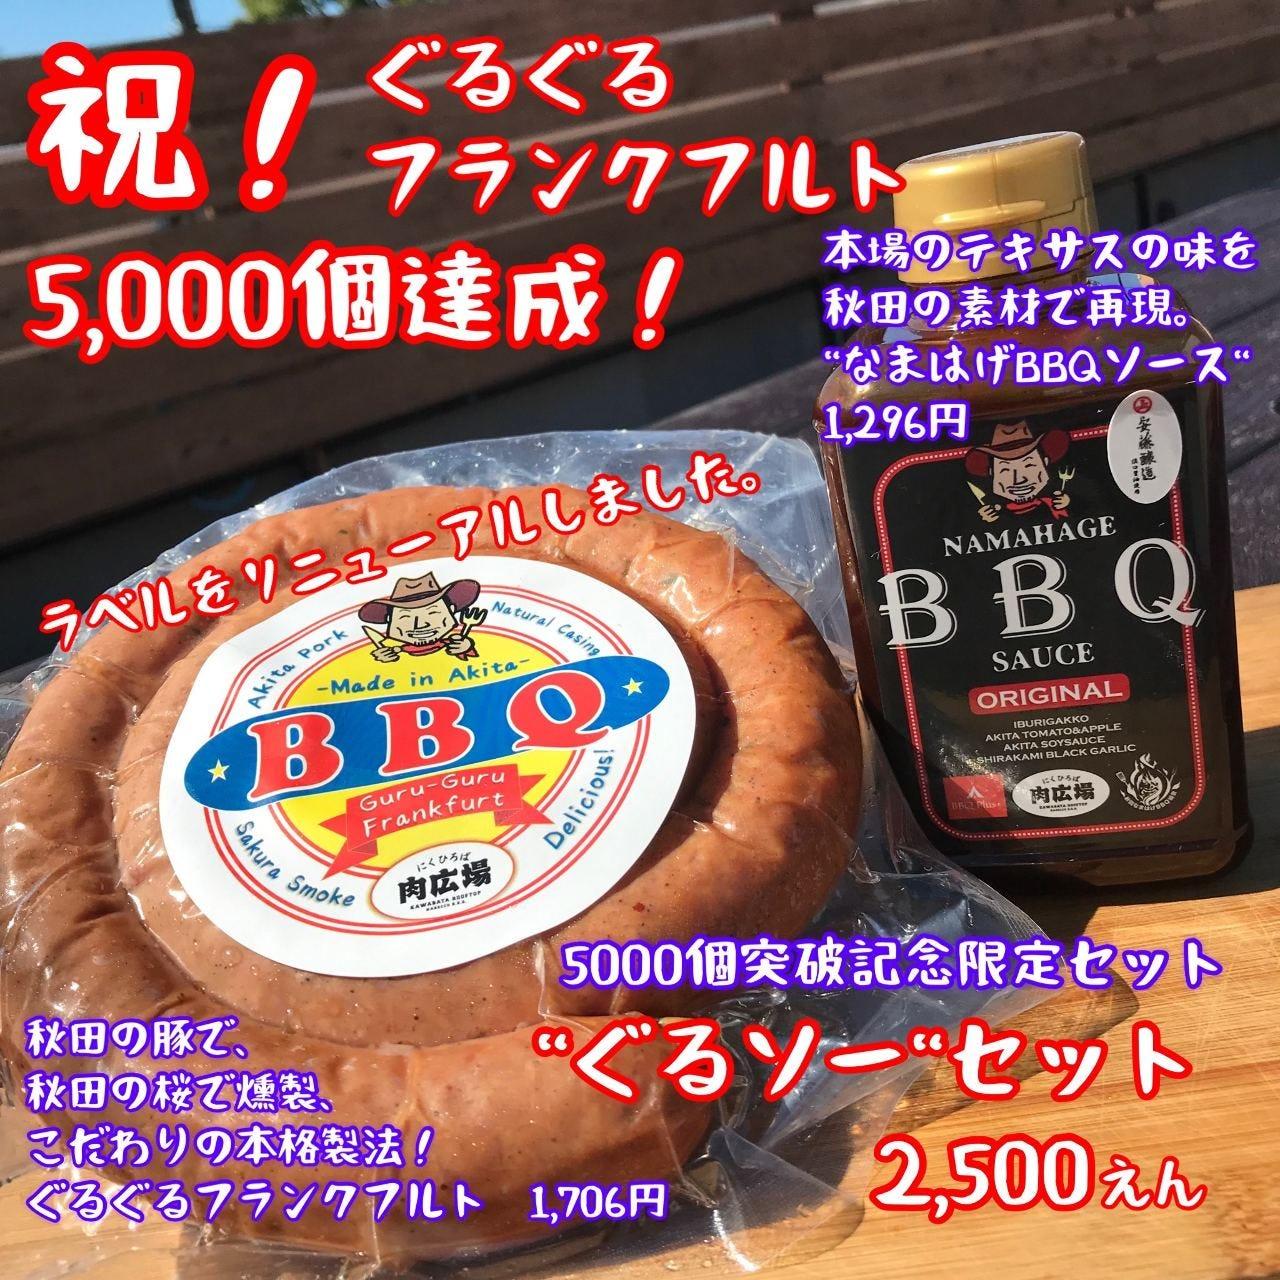 今なら500円程もお得!!お店でお渡しになります。